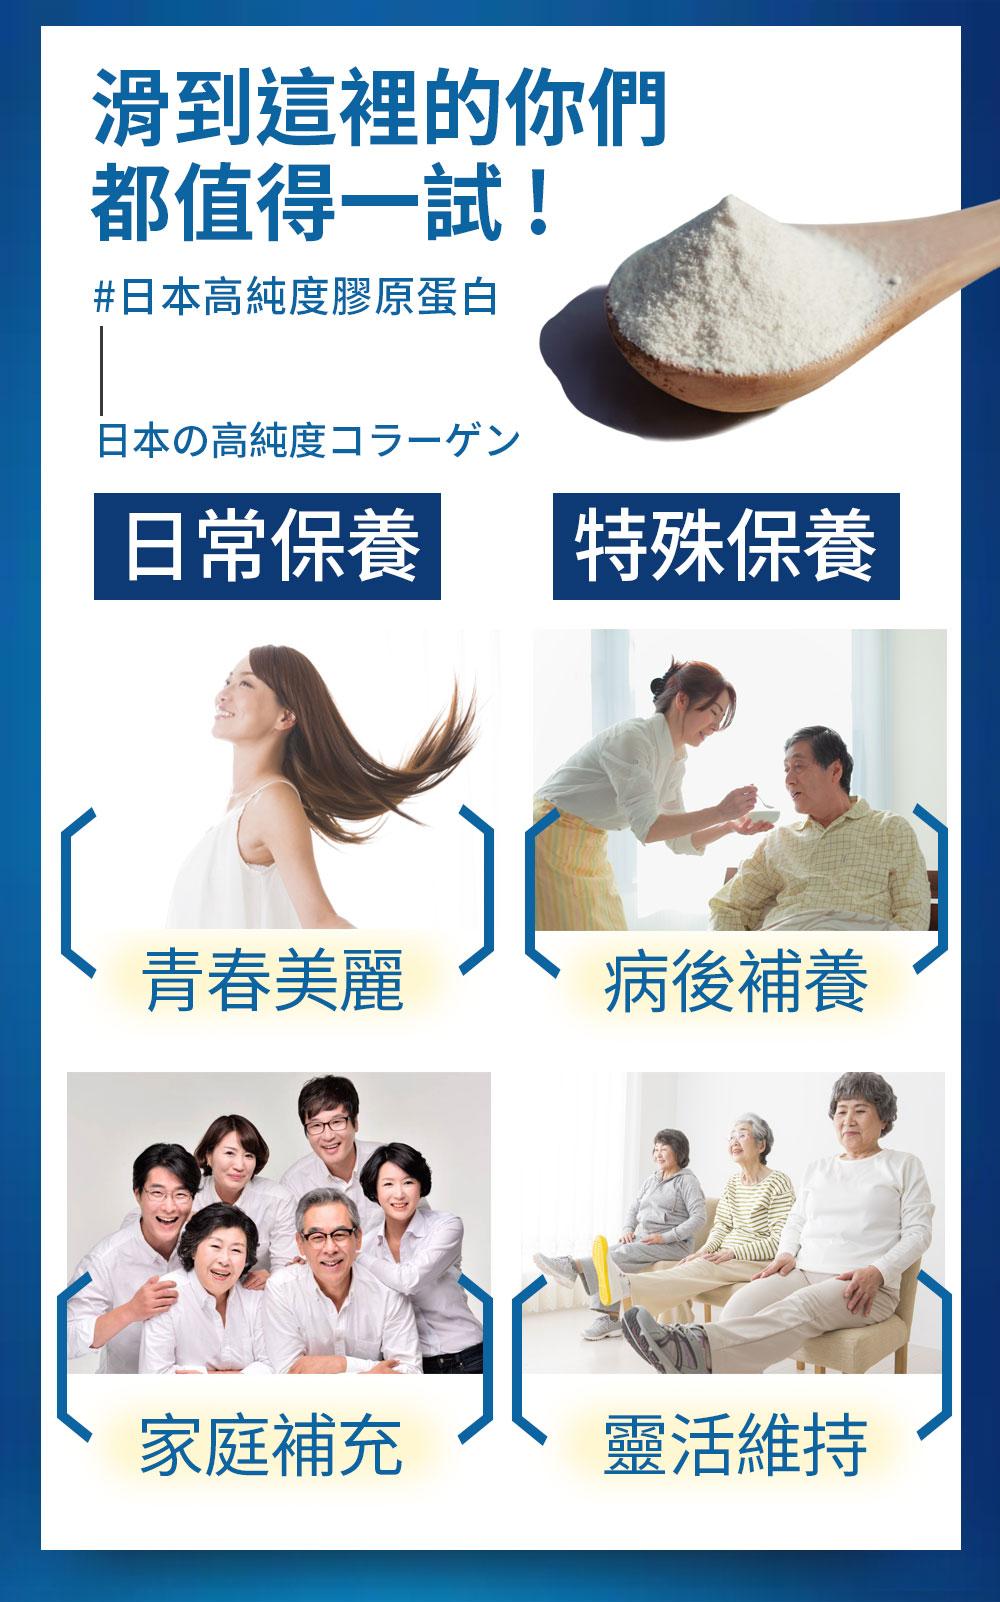 100%日本高純度魚鱗水解膠原蛋白胜肽-滑到這裡的你們都值得一試日本最新膠原蛋白-0800-800-924